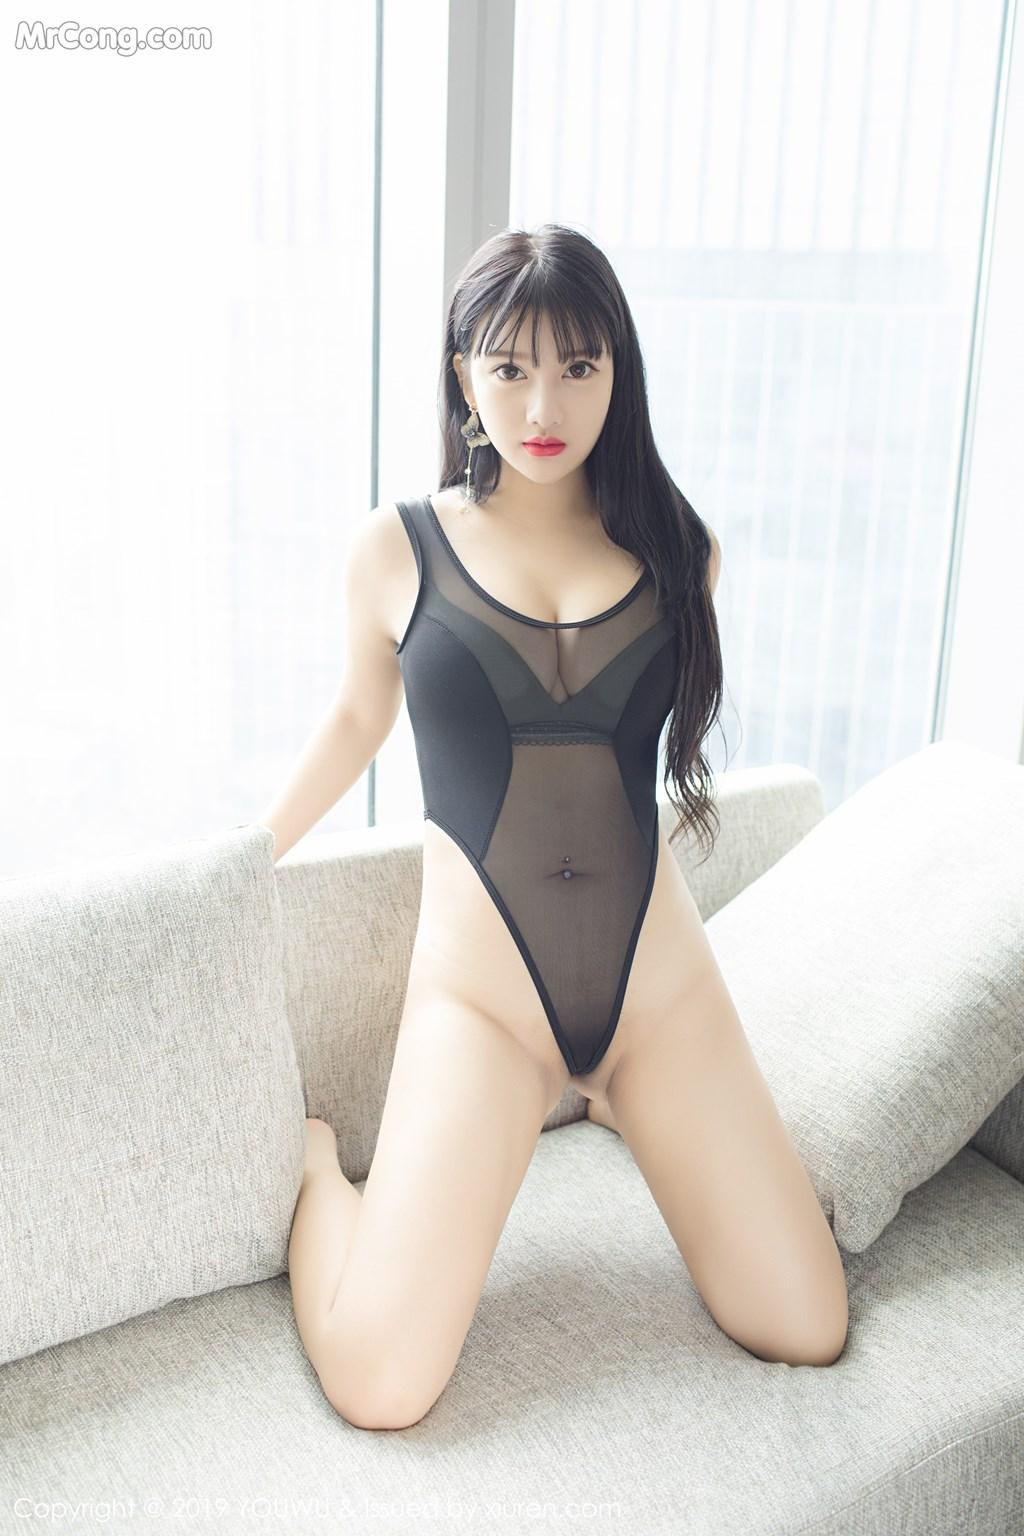 Image YouWu-Vol.138-Xiao-You-Nai-MrCong.com-008 in post YouWu Vol.138: Xiao You Nai (小尤奈) (60 ảnh)